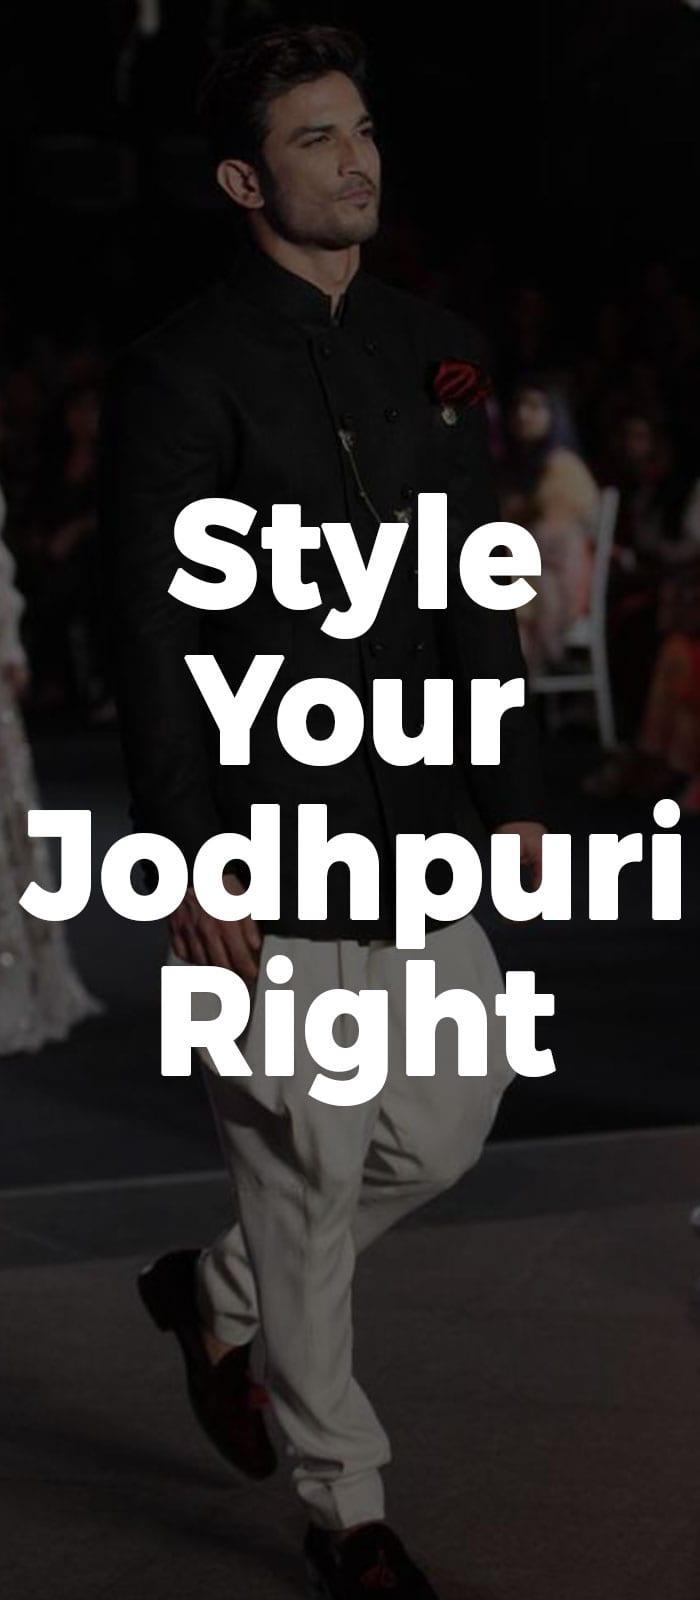 Style Your Jodhpuri Right